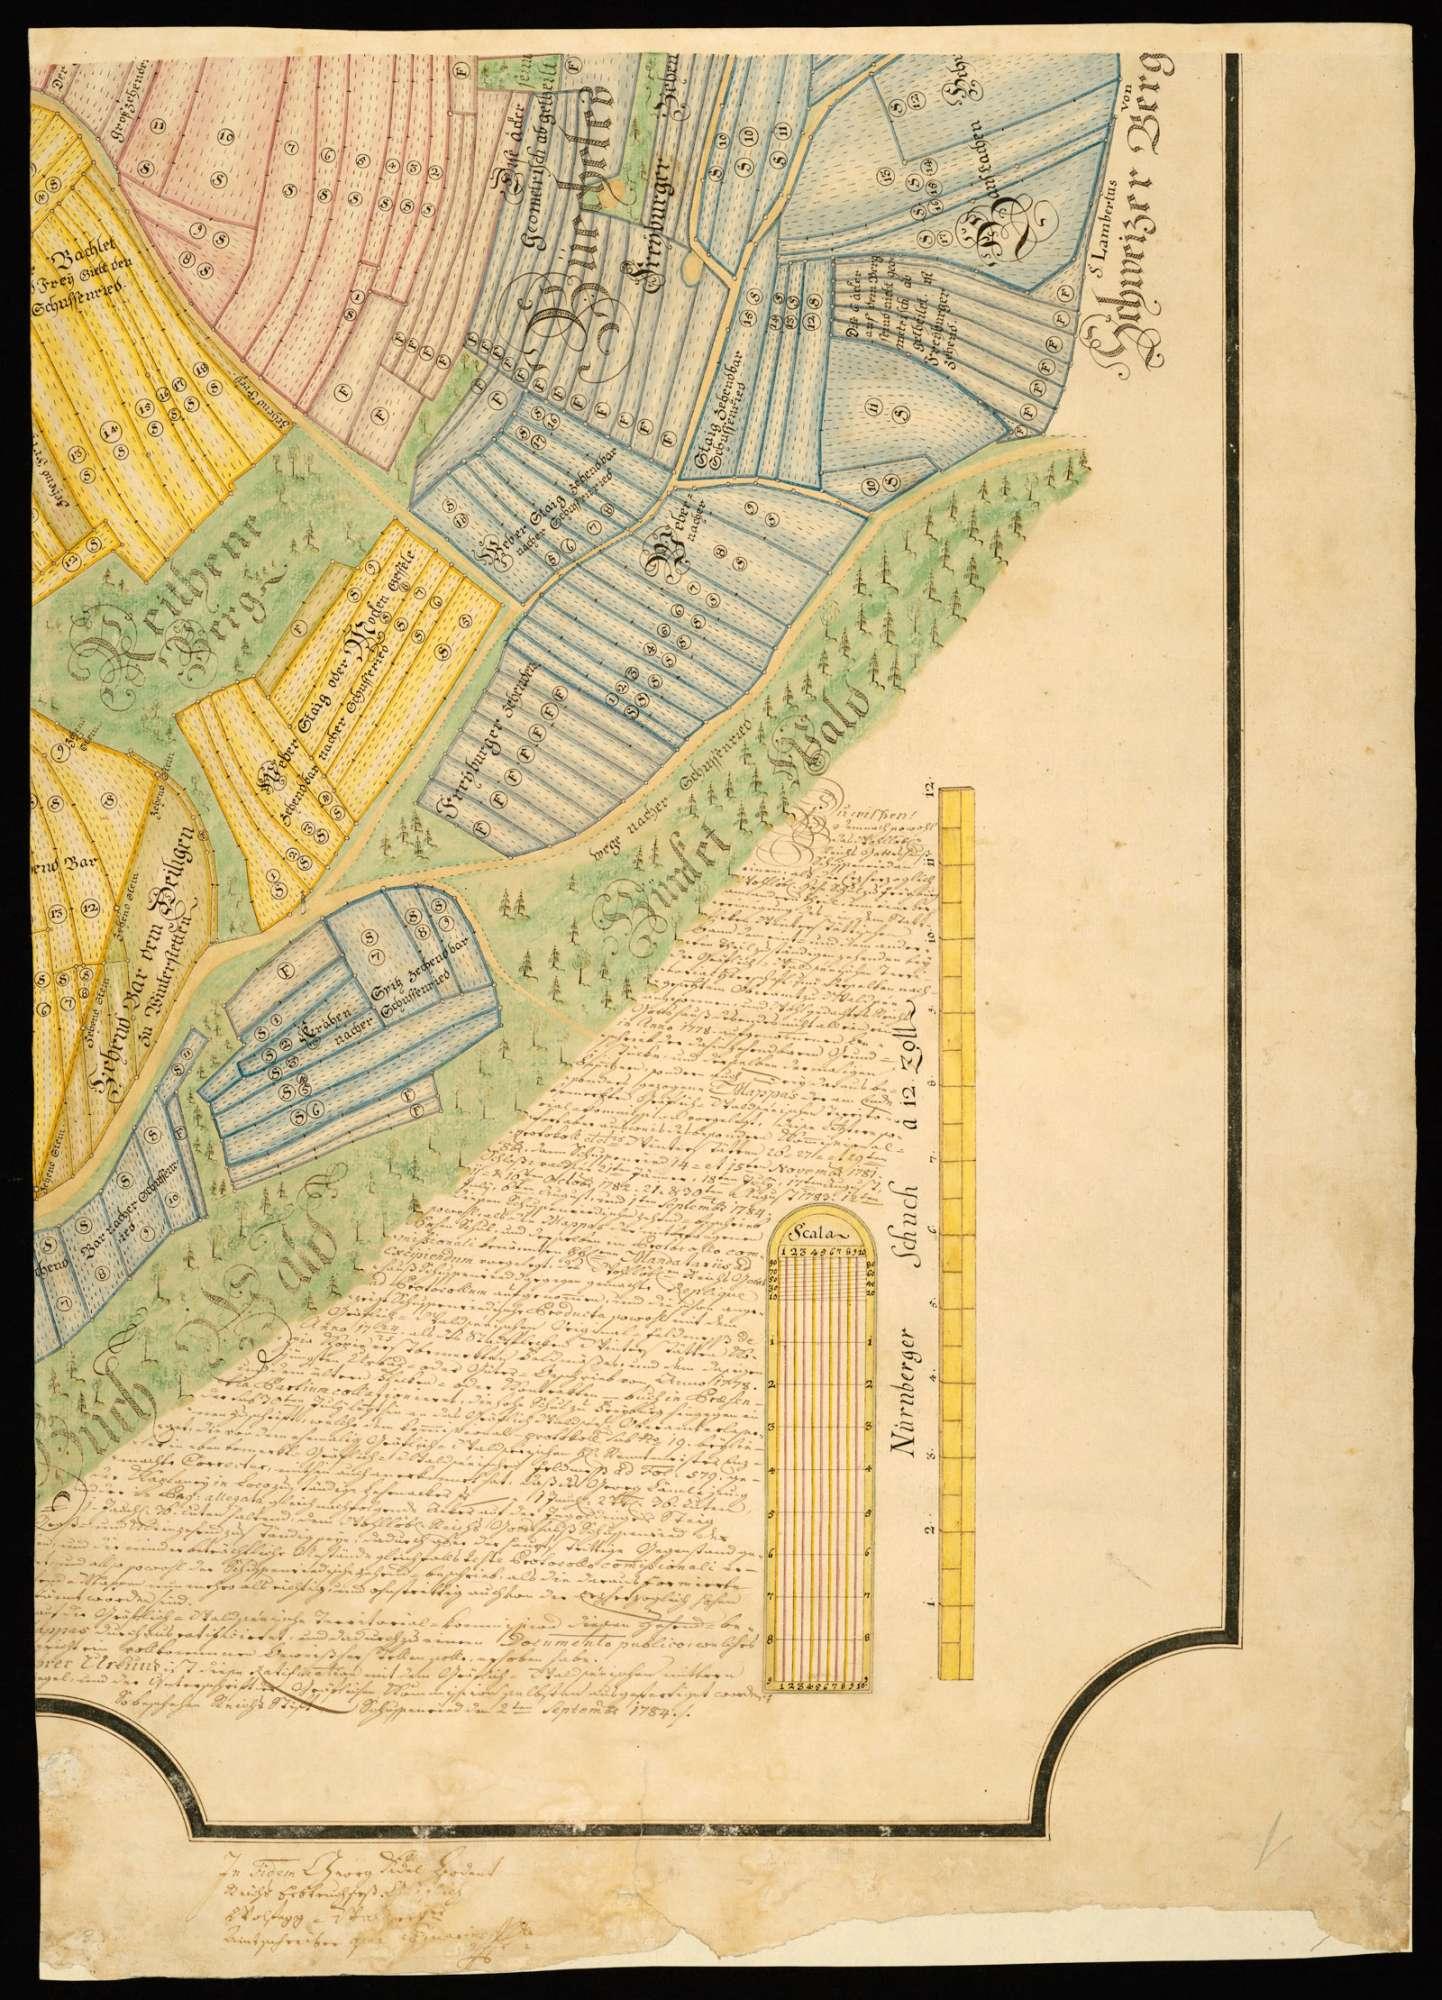 Winterstettenstadt [Geometrischer Grundriß von Winterstettenstadt und seiner Gemarkung] (Fragment), Bild 2